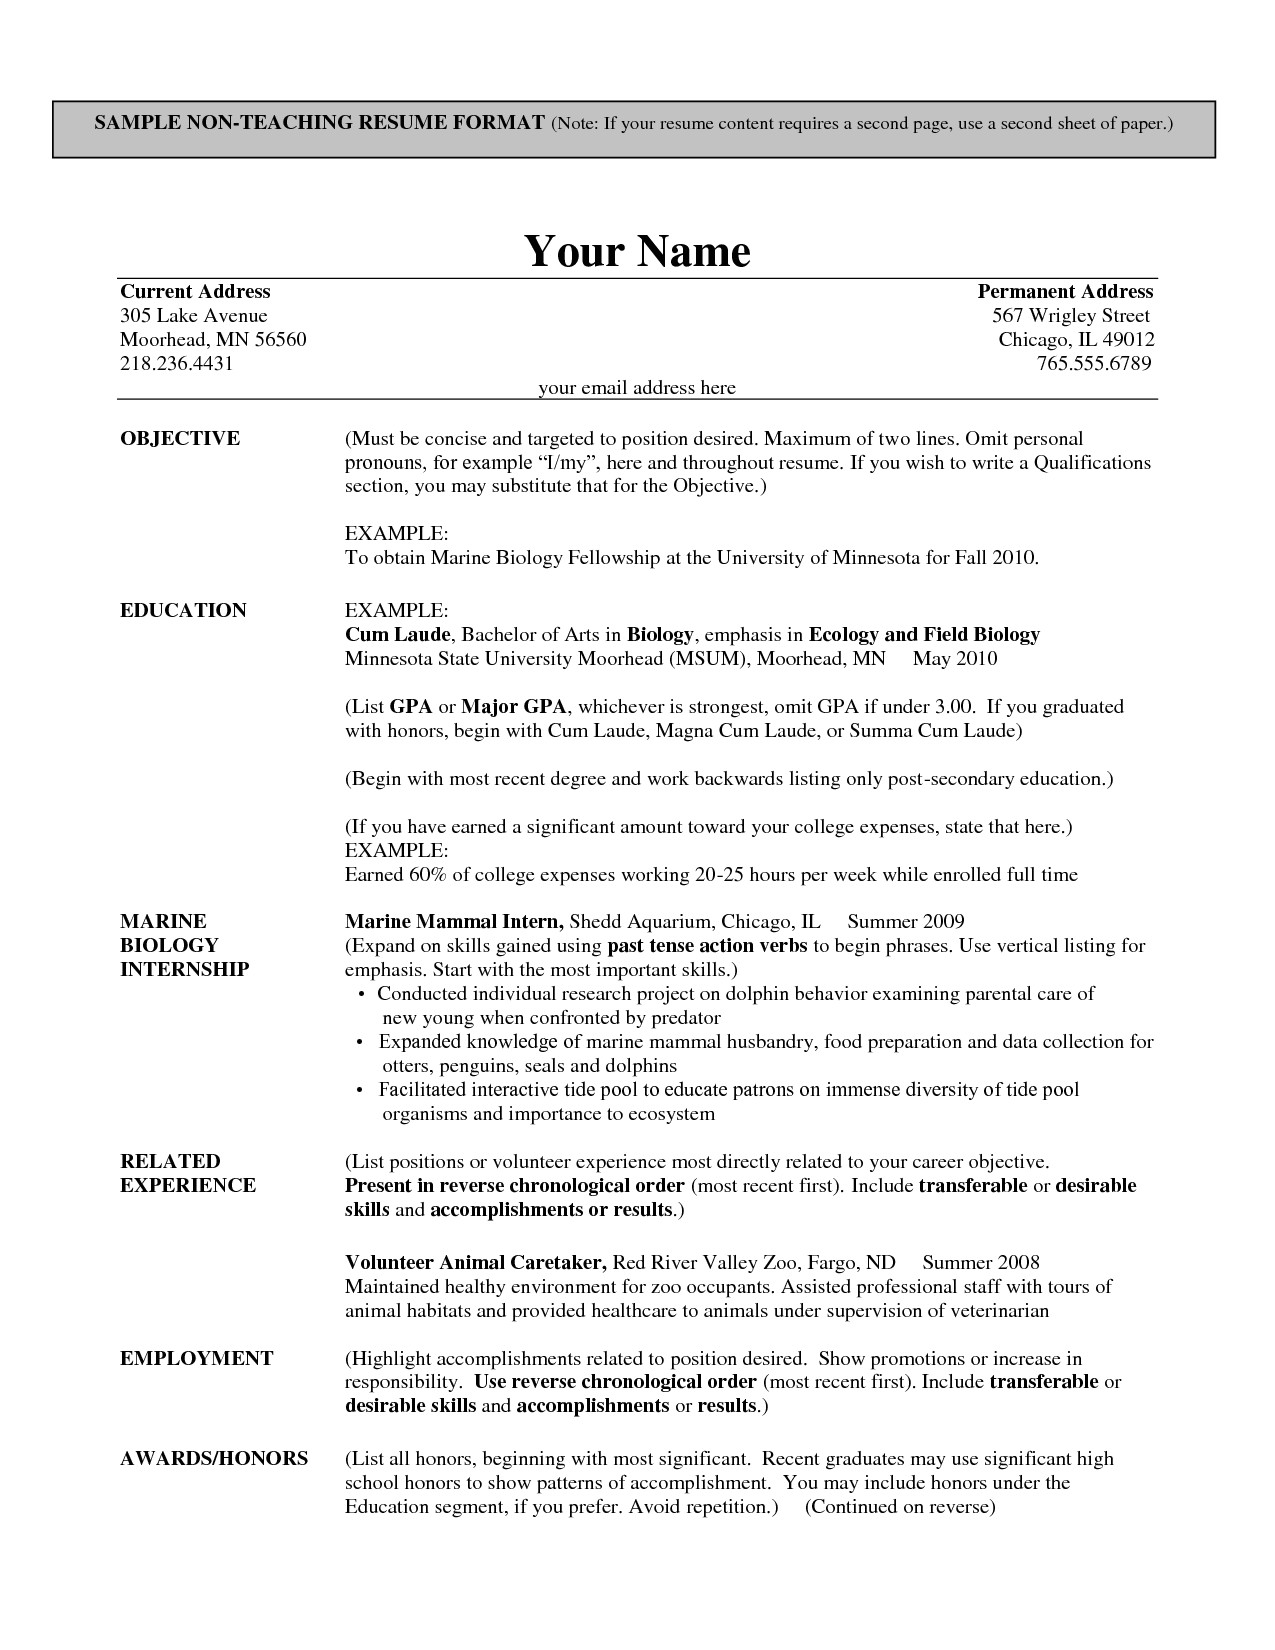 resume builder template for teachers